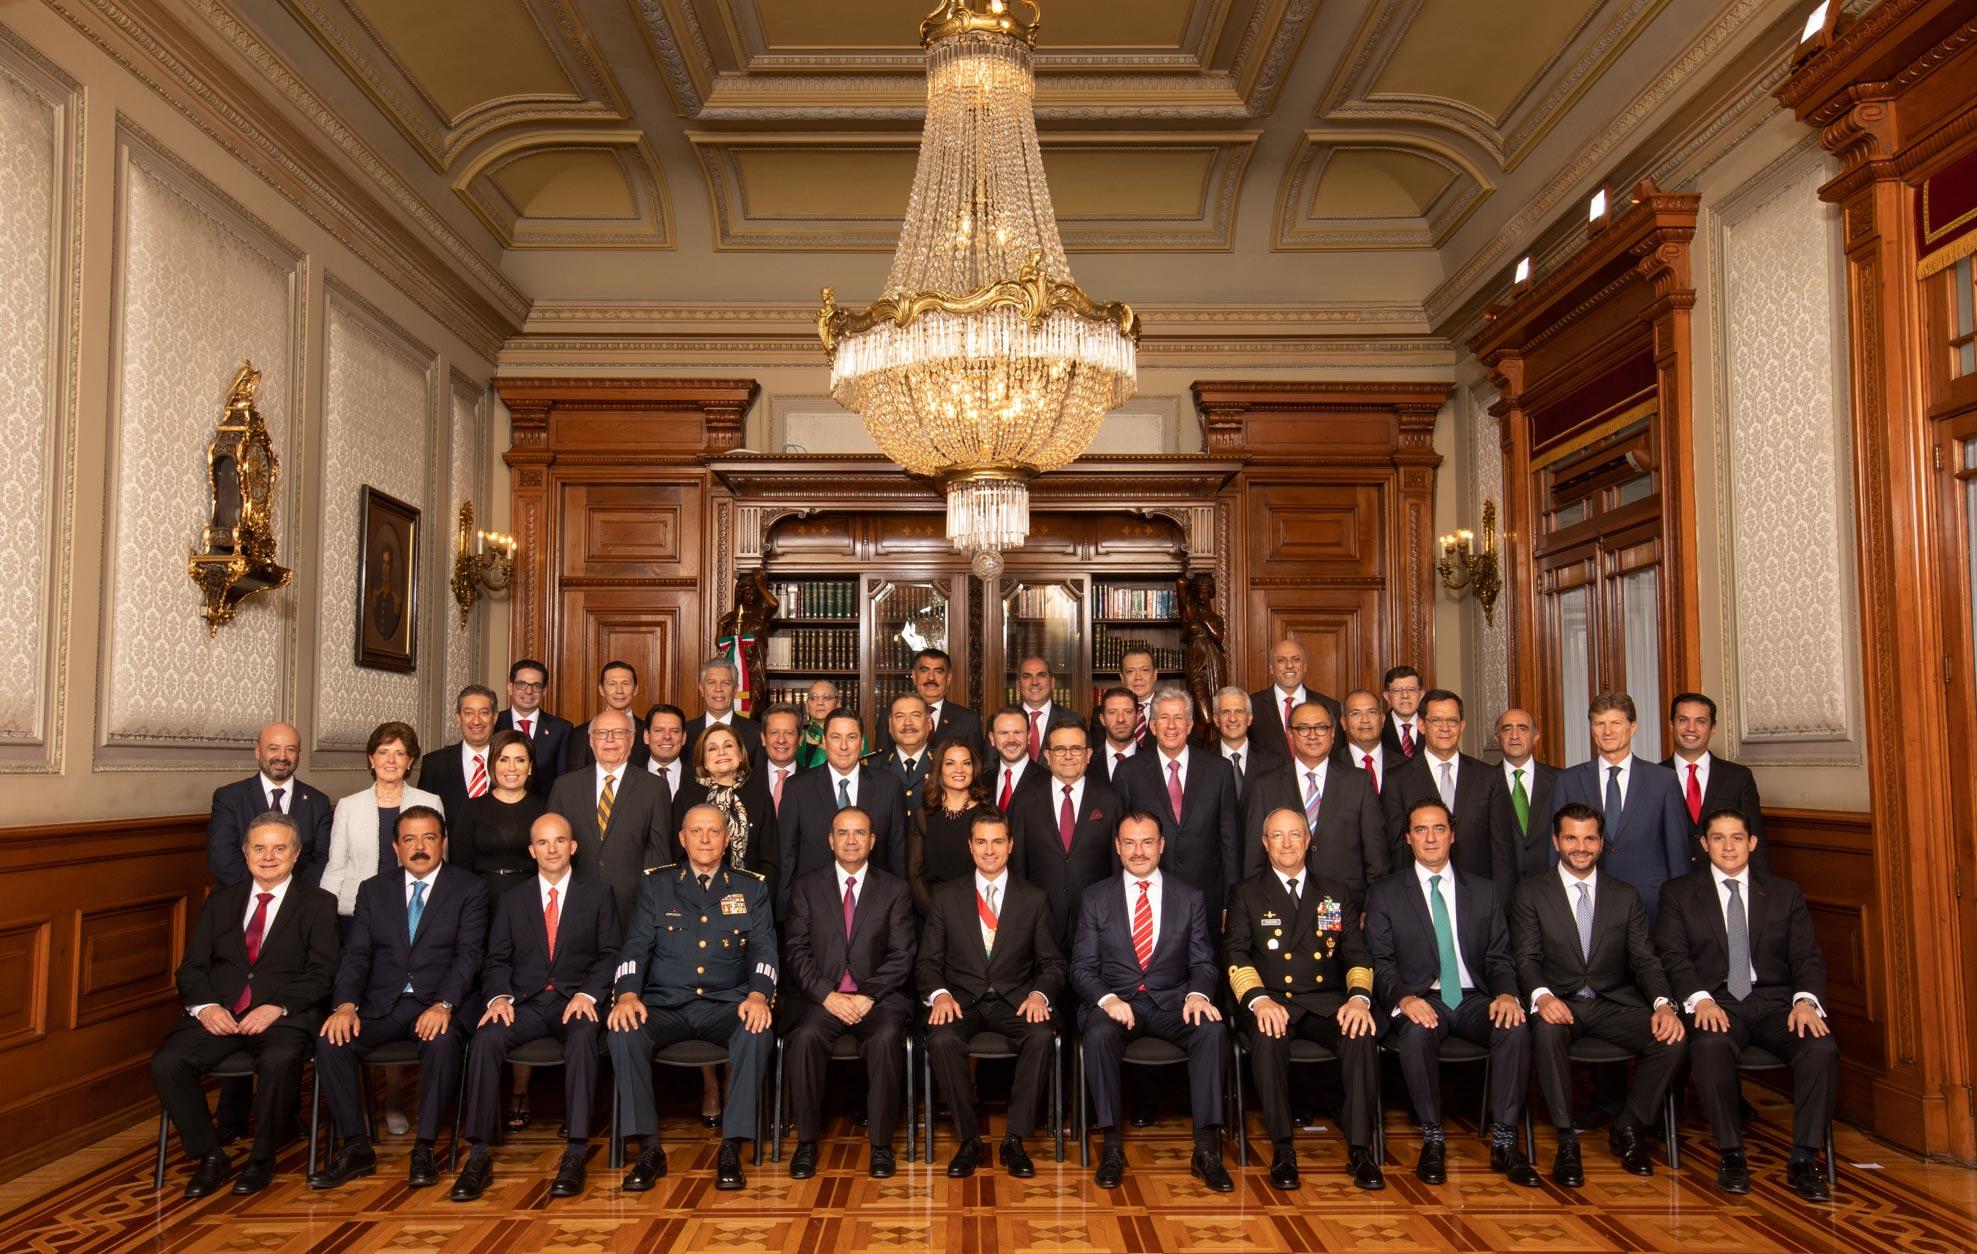 Gabinete legal y ampliado del Gobierno de la República acompaña al Presidente Enrique Peña Nieto